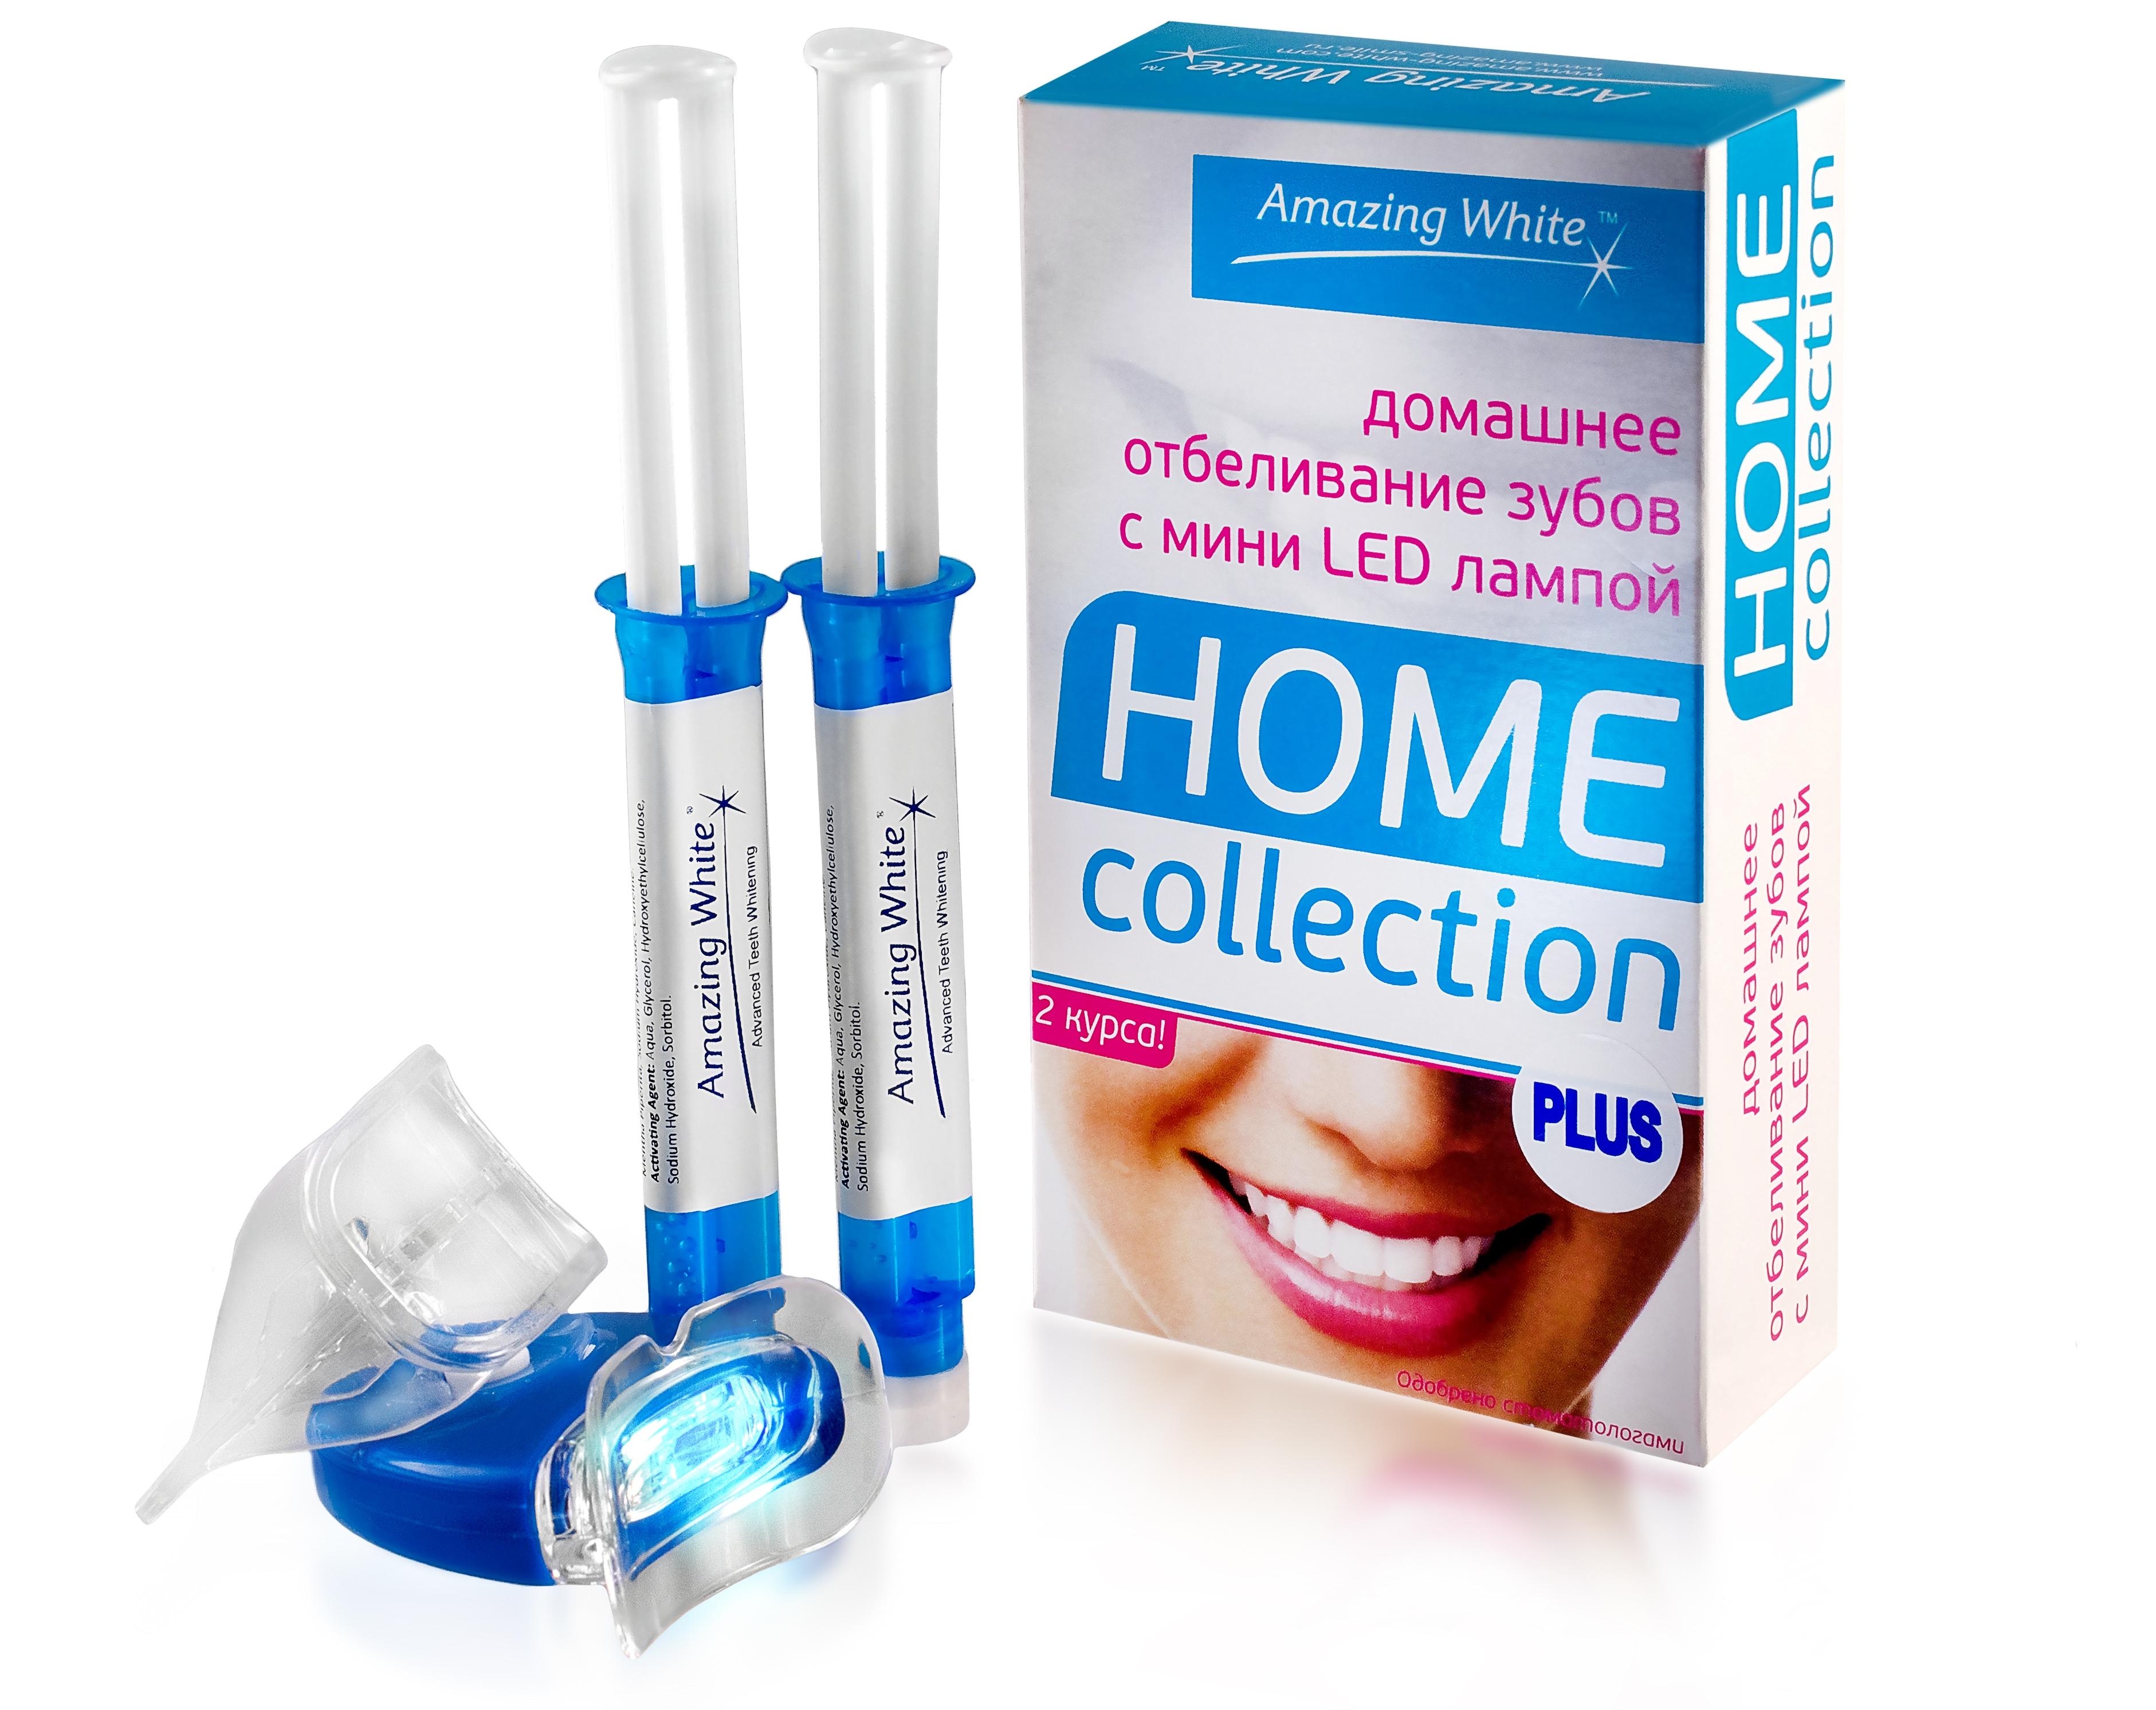 Отбелить зубы в домашних условиях эффективно отзывы